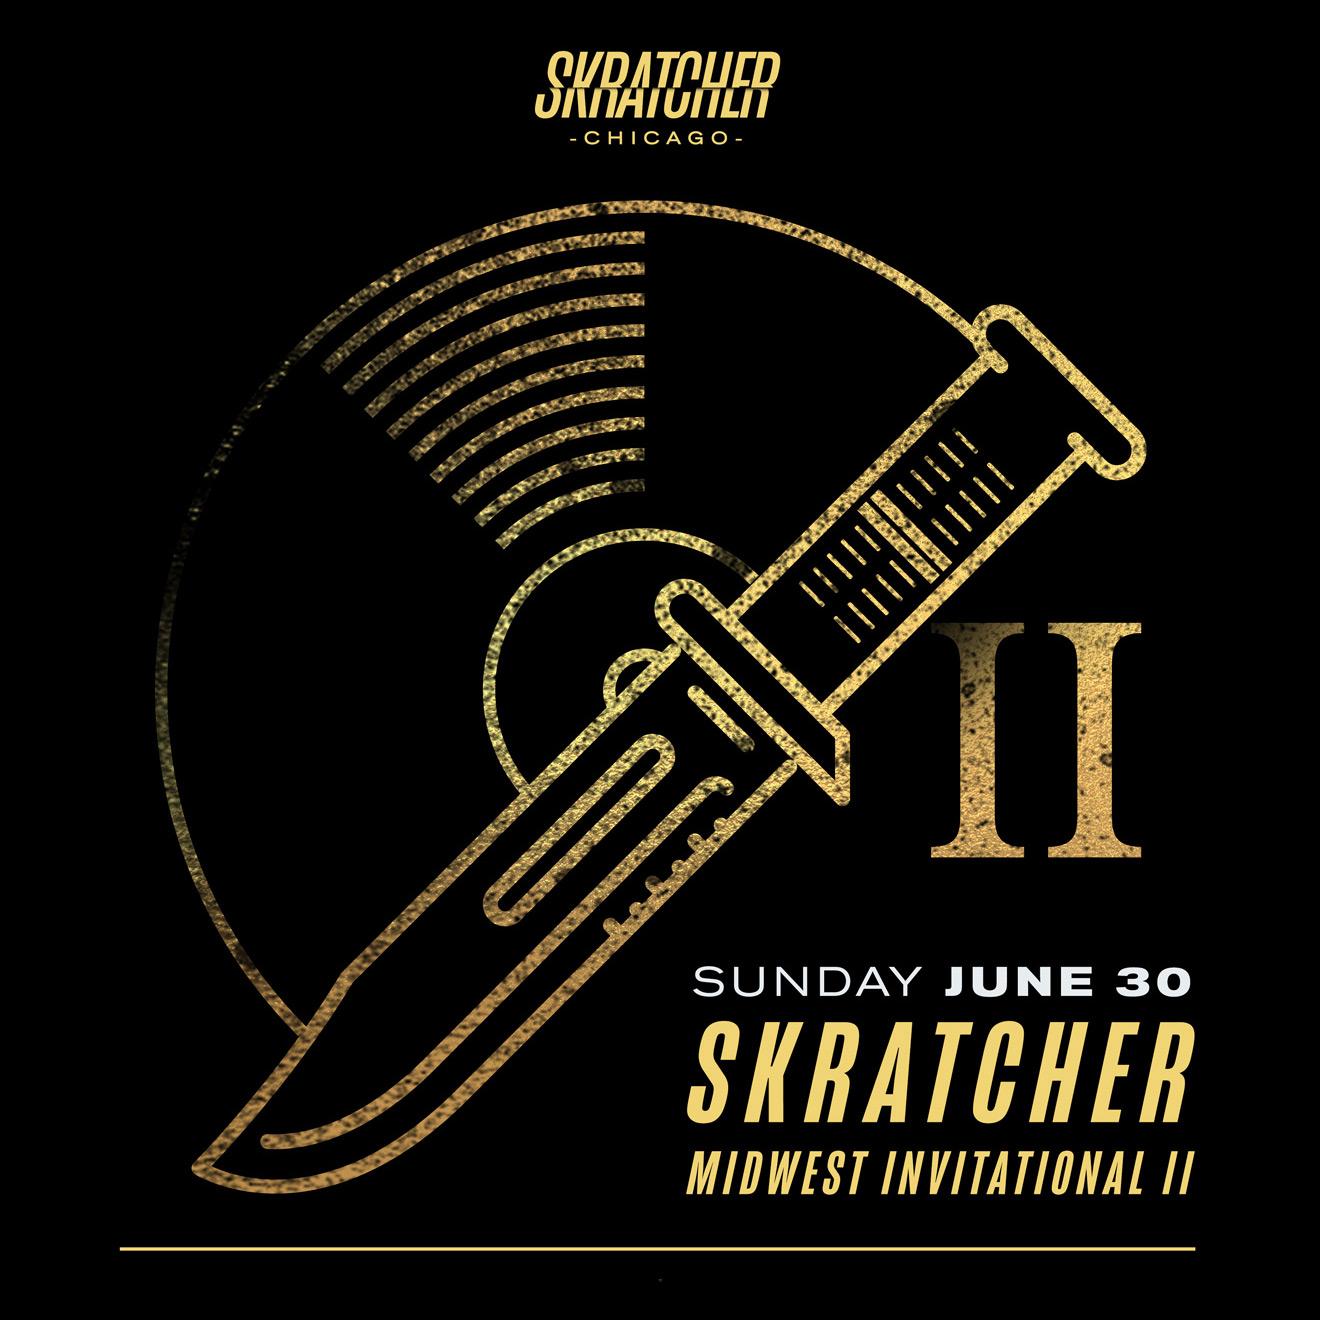 skratcher1.jpg